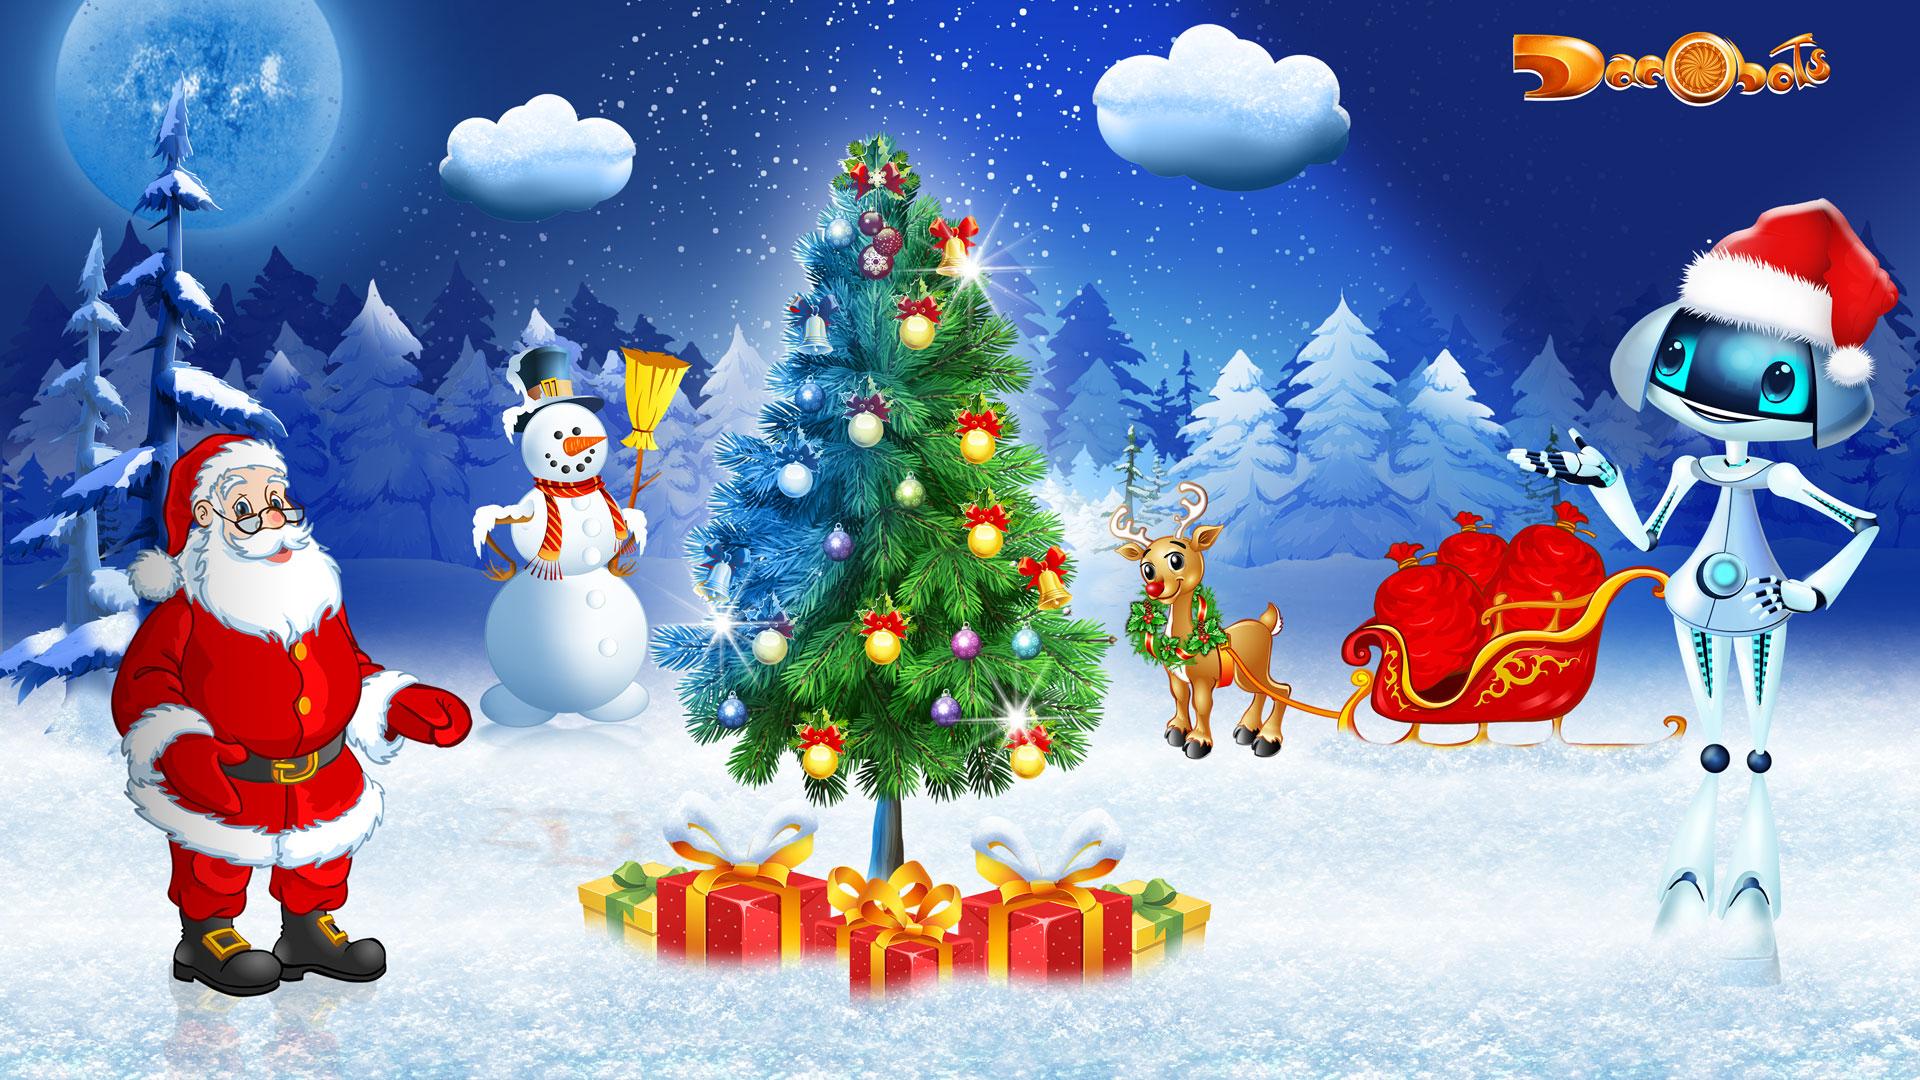 holidays_01_1920x1080